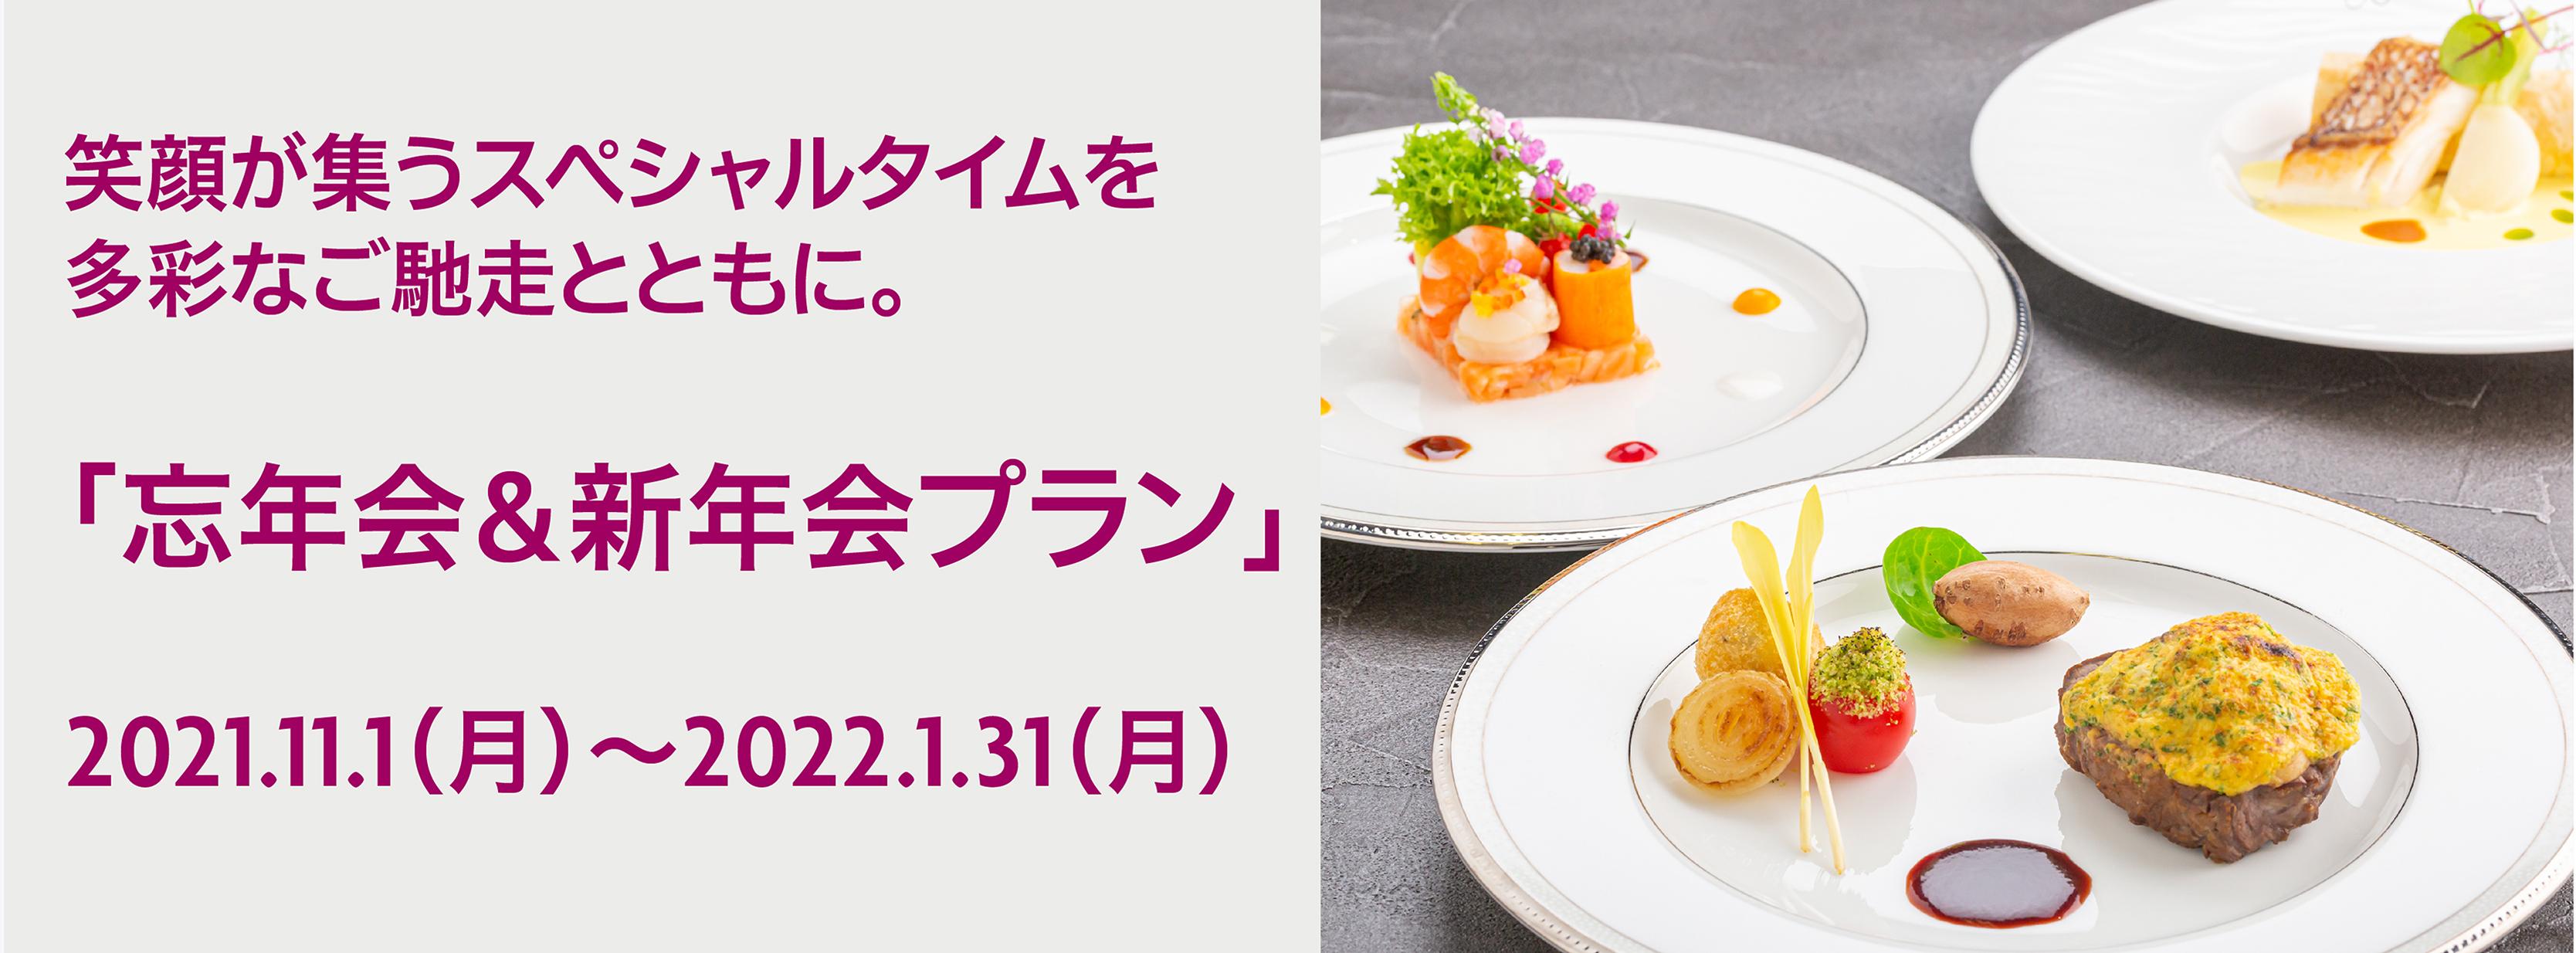 忘年会スライダー2021.jpg